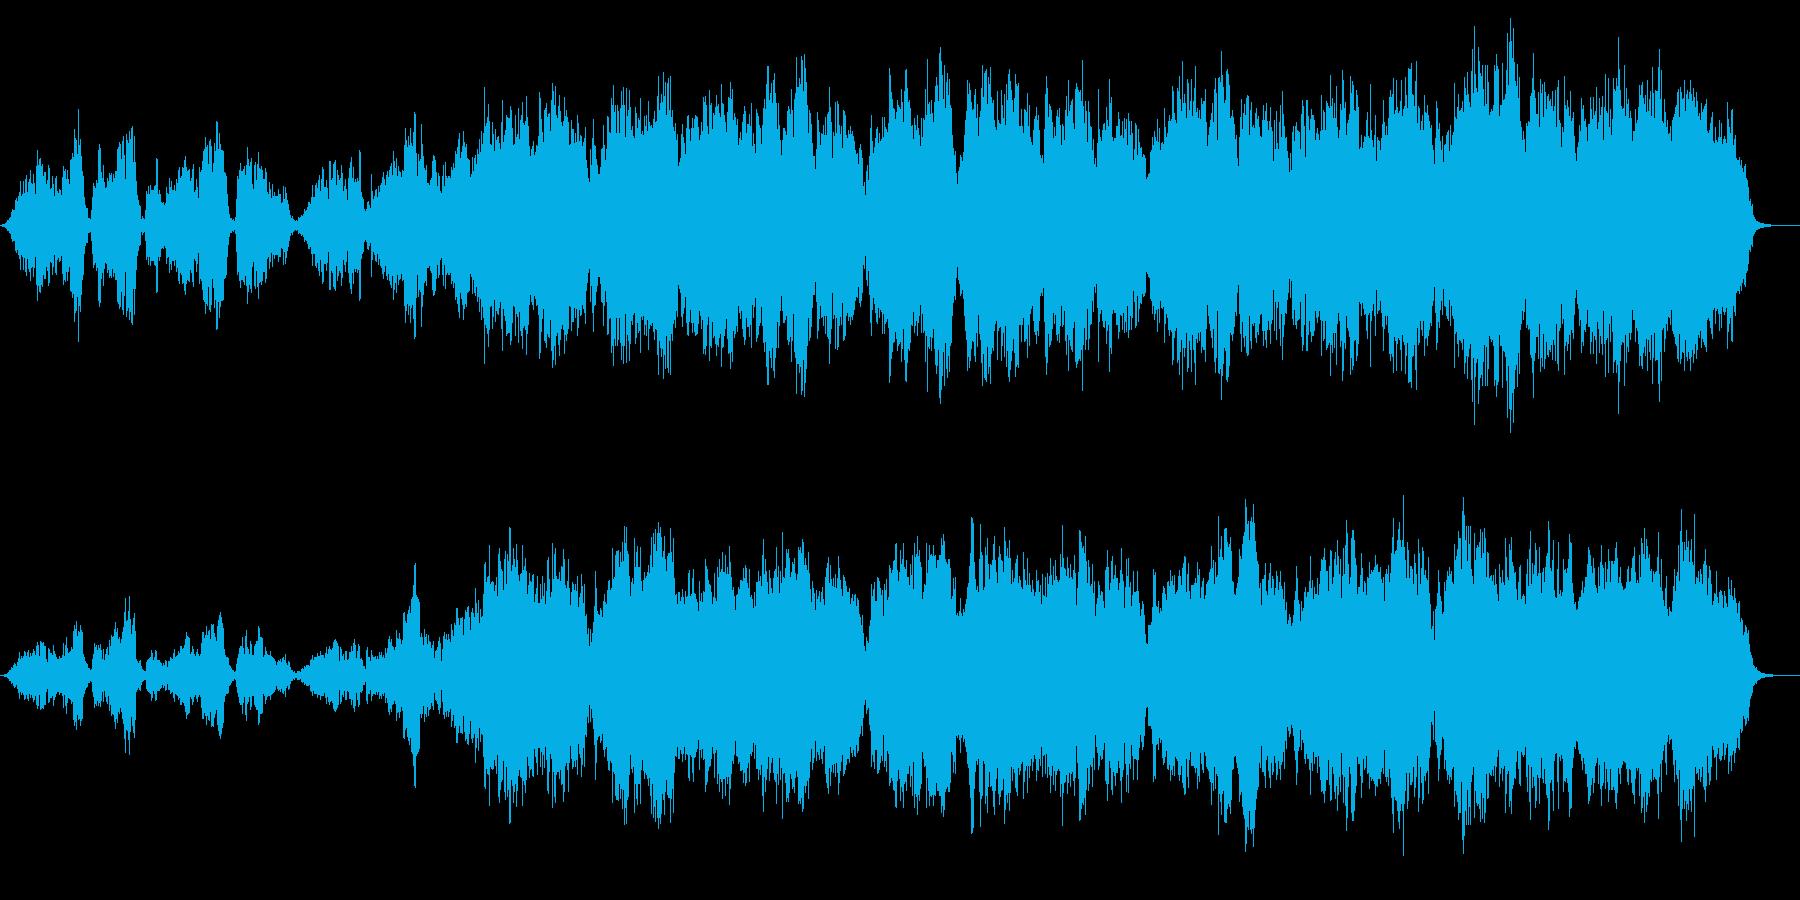 神秘的な雅楽「越天楽」弦楽編曲の再生済みの波形